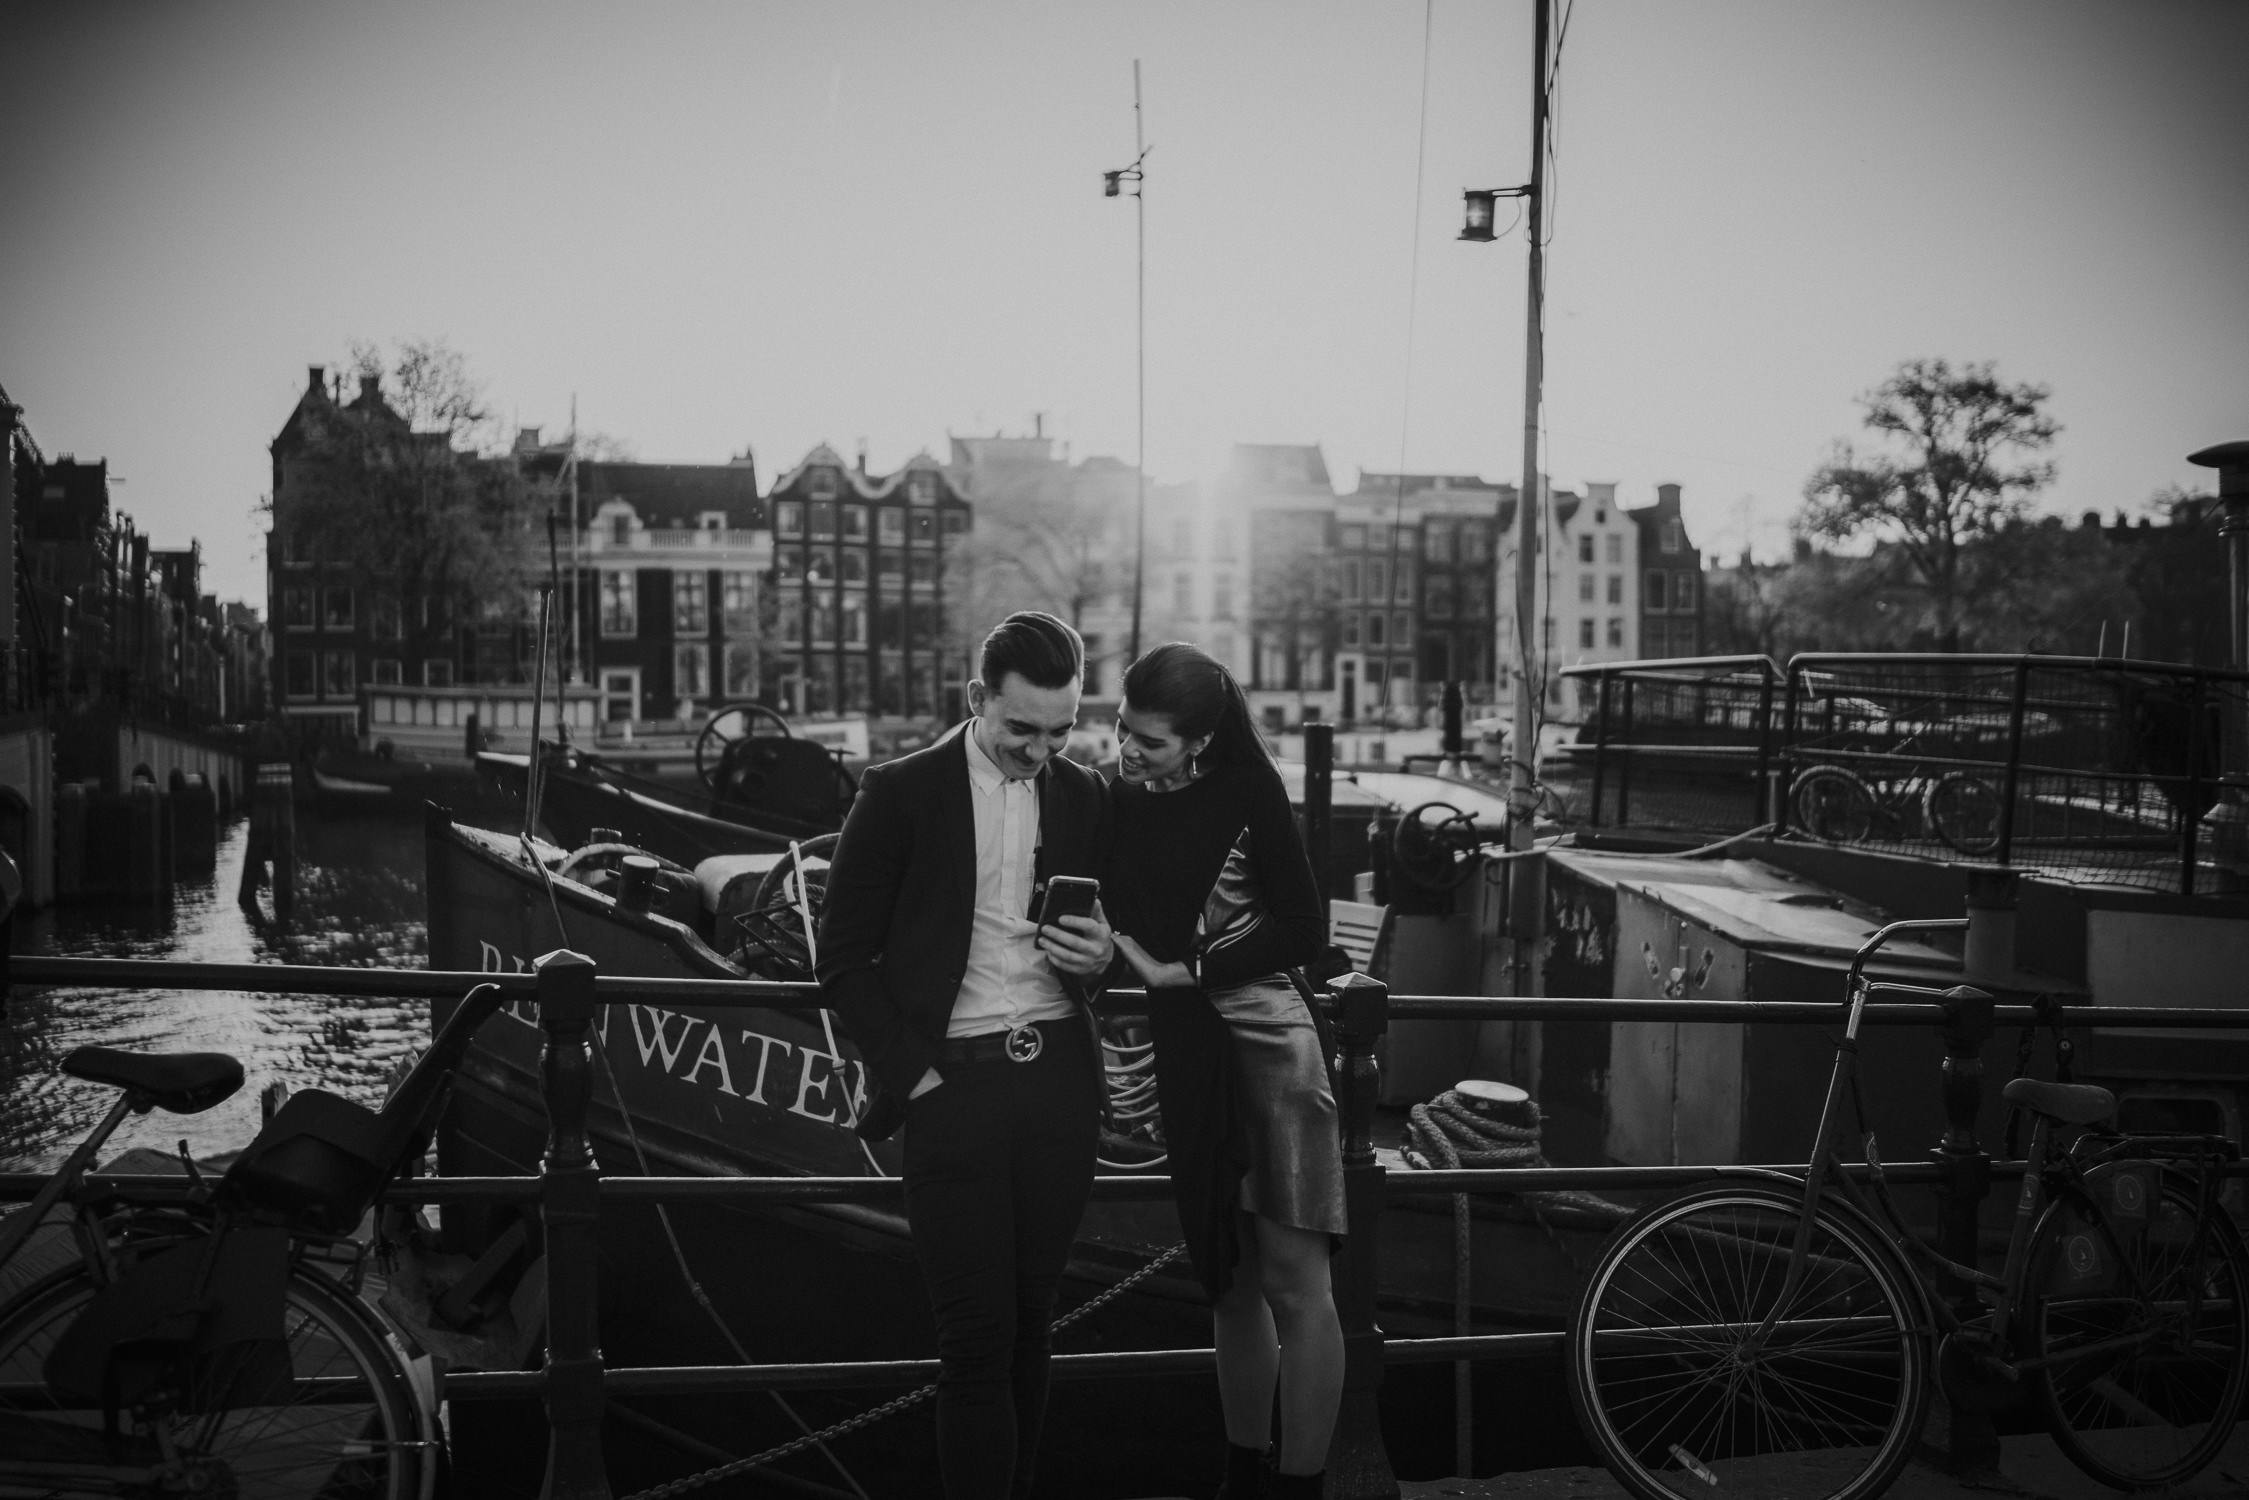 het beste bruidsfotografie amsterdam utrecht rotterdam en den haag door mark hadden uit amsterdam